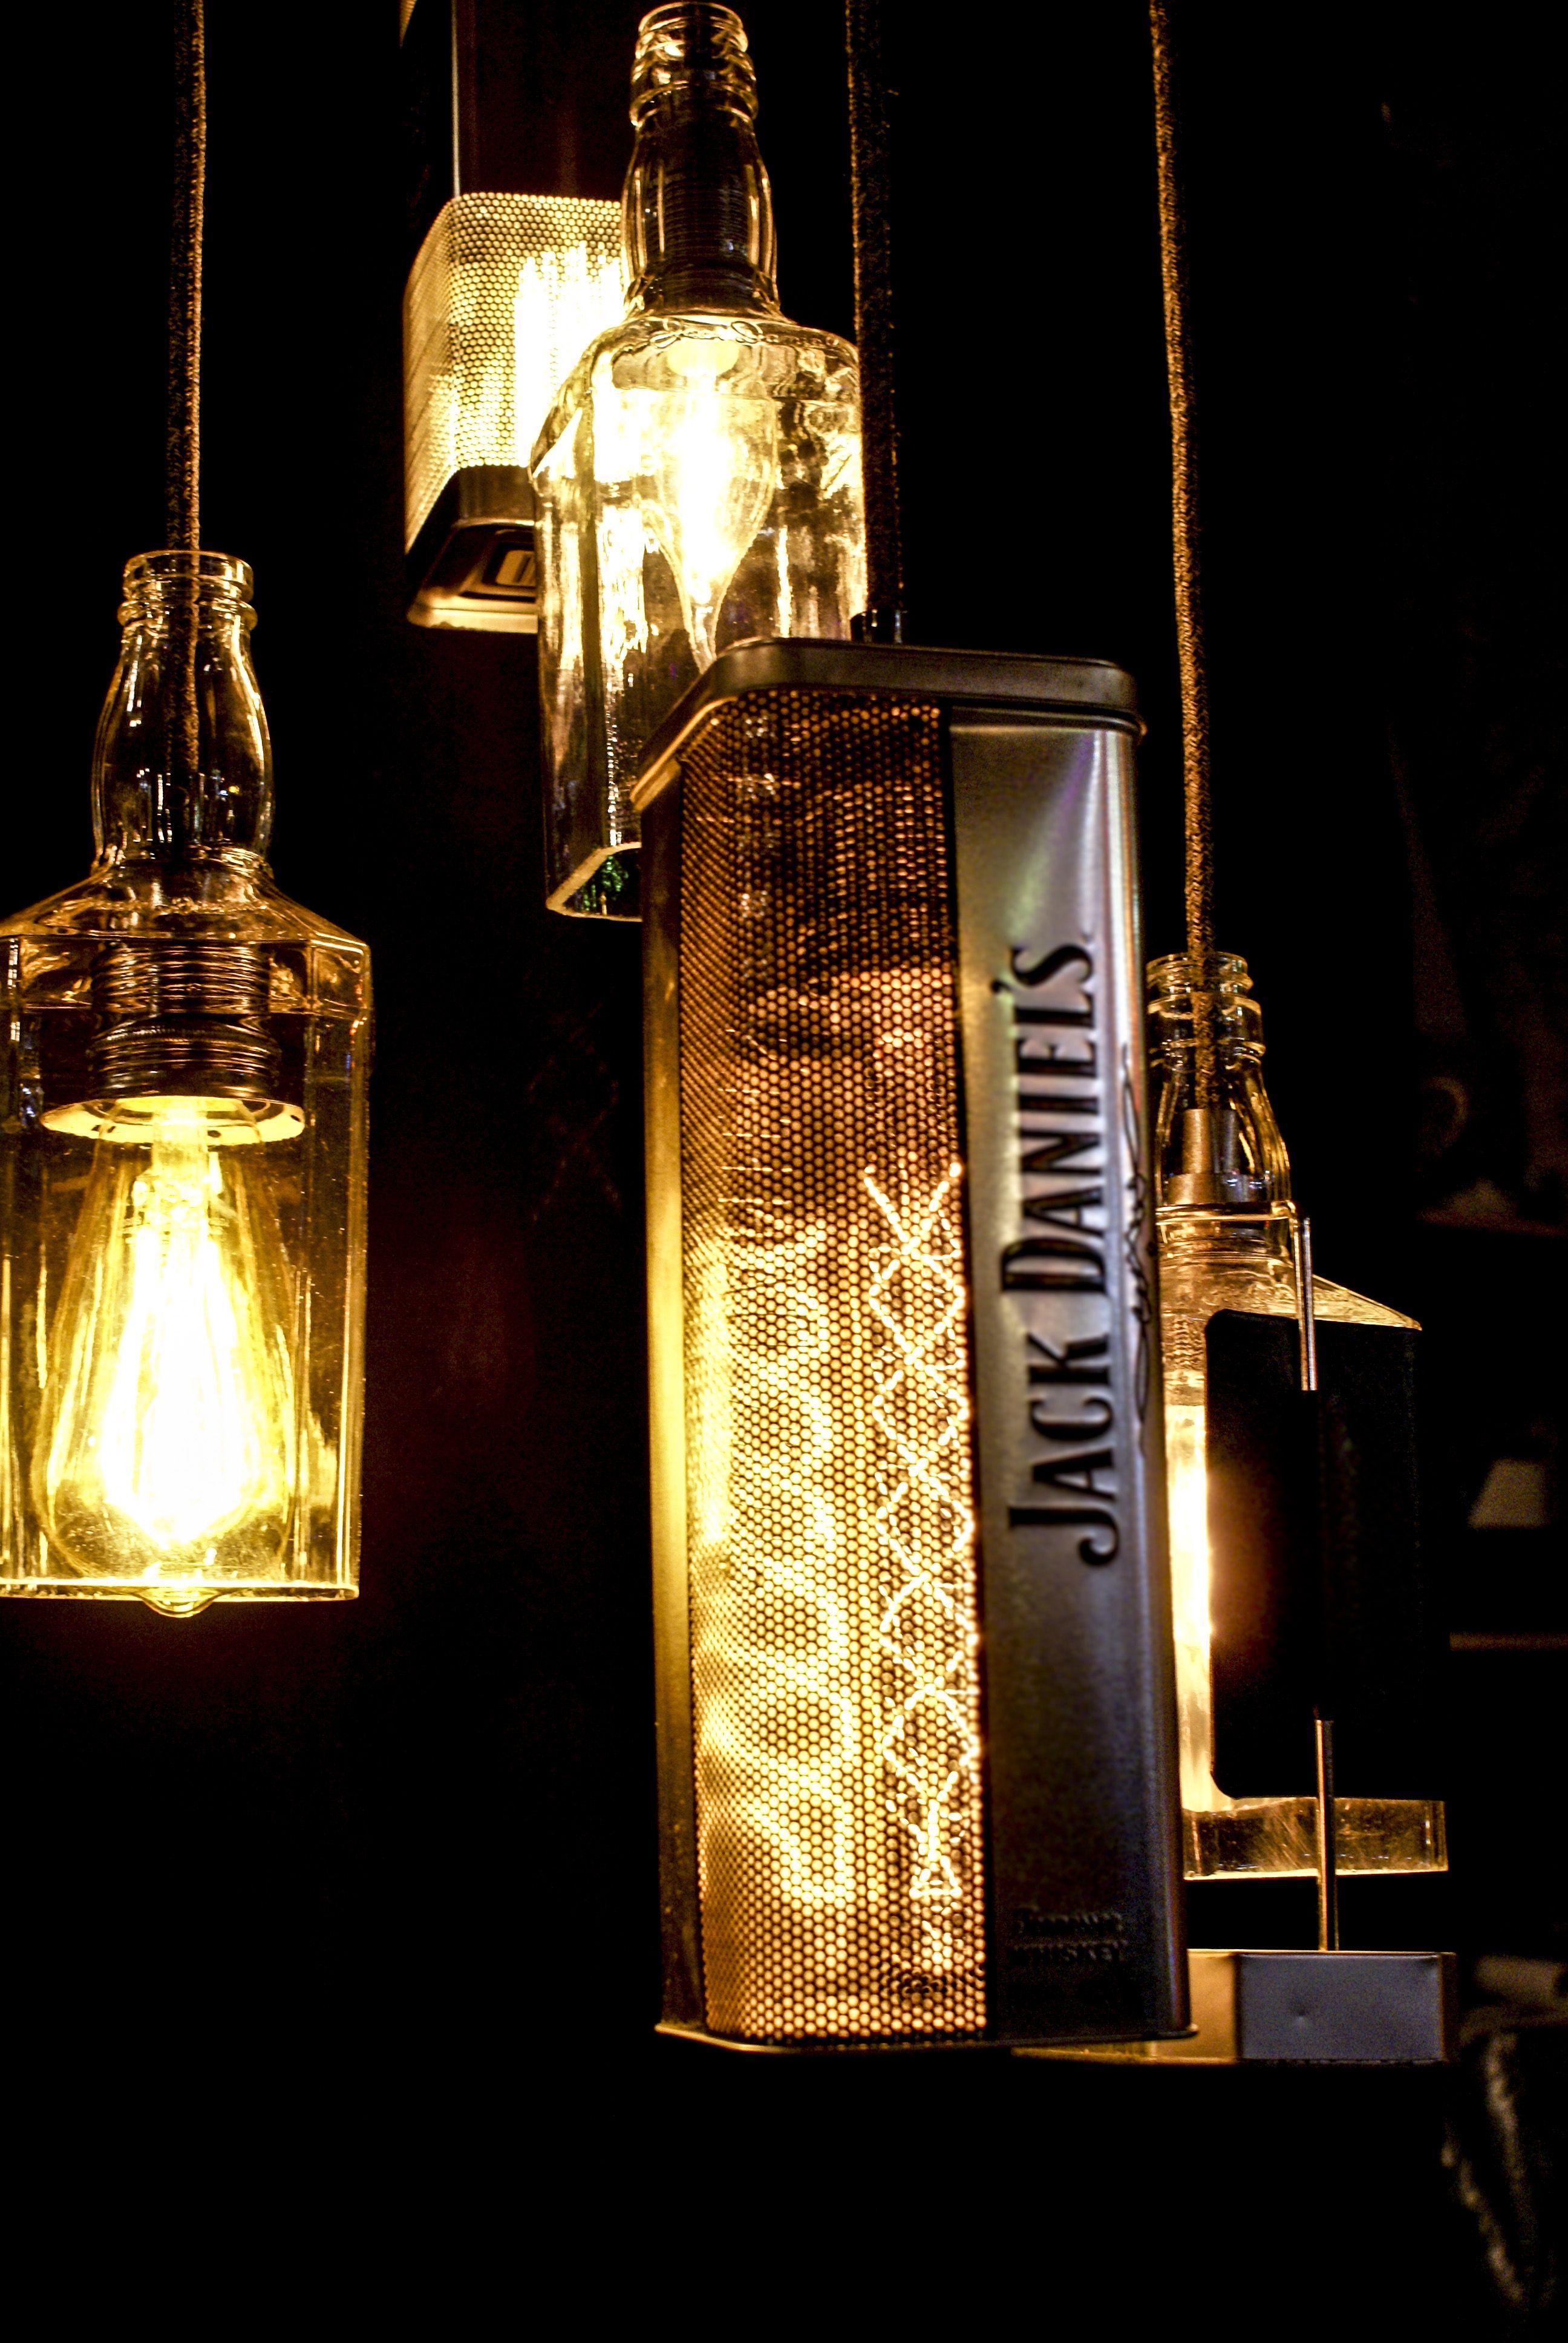 Luminaire sur mesure réalisé par nos soins avec des bouteilles de